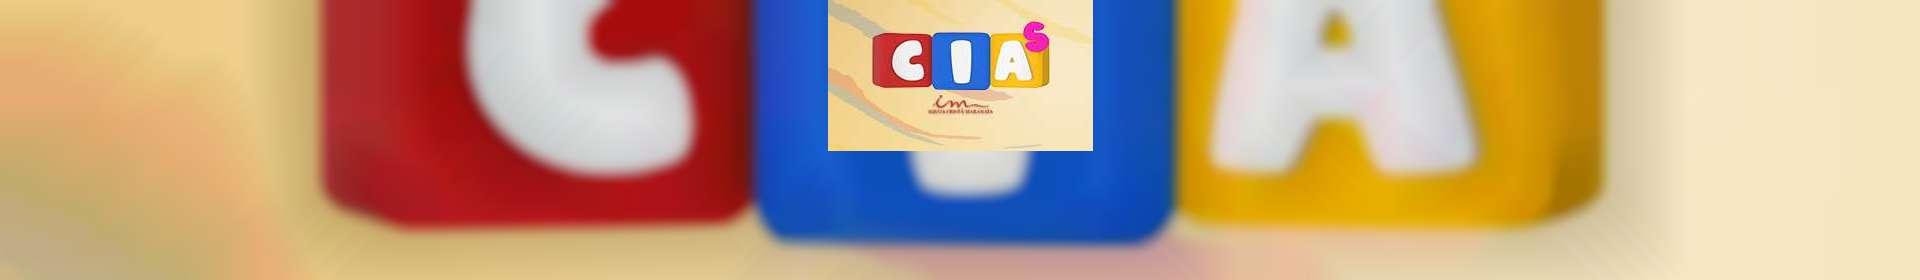 Aula de CIAS: classe de 3 a 7 anos - 02 de abril de 2020